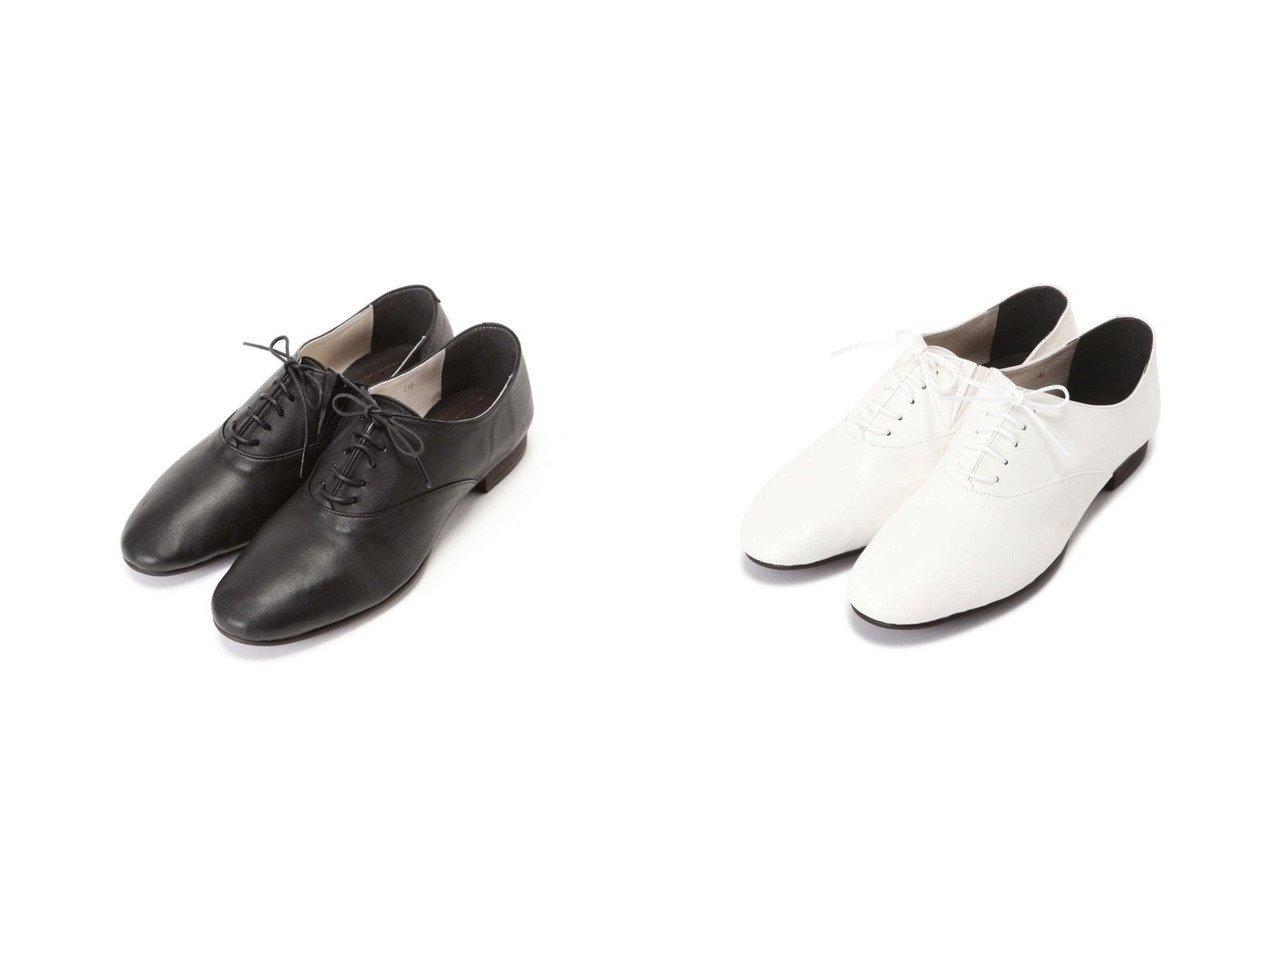 【HUMAN WOMAN/ヒューマンウーマン】のオリジナル レースアップシューズ シューズ・靴のおすすめ!人気、トレンド・レディースファッションの通販 おすすめで人気の流行・トレンド、ファッションの通販商品 メンズファッション・キッズファッション・インテリア・家具・レディースファッション・服の通販 founy(ファニー) https://founy.com/ ファッション Fashion レディースファッション WOMEN シューズ スタイリッシュ スマート ソックス タイツ フォルム |ID:crp329100000013683